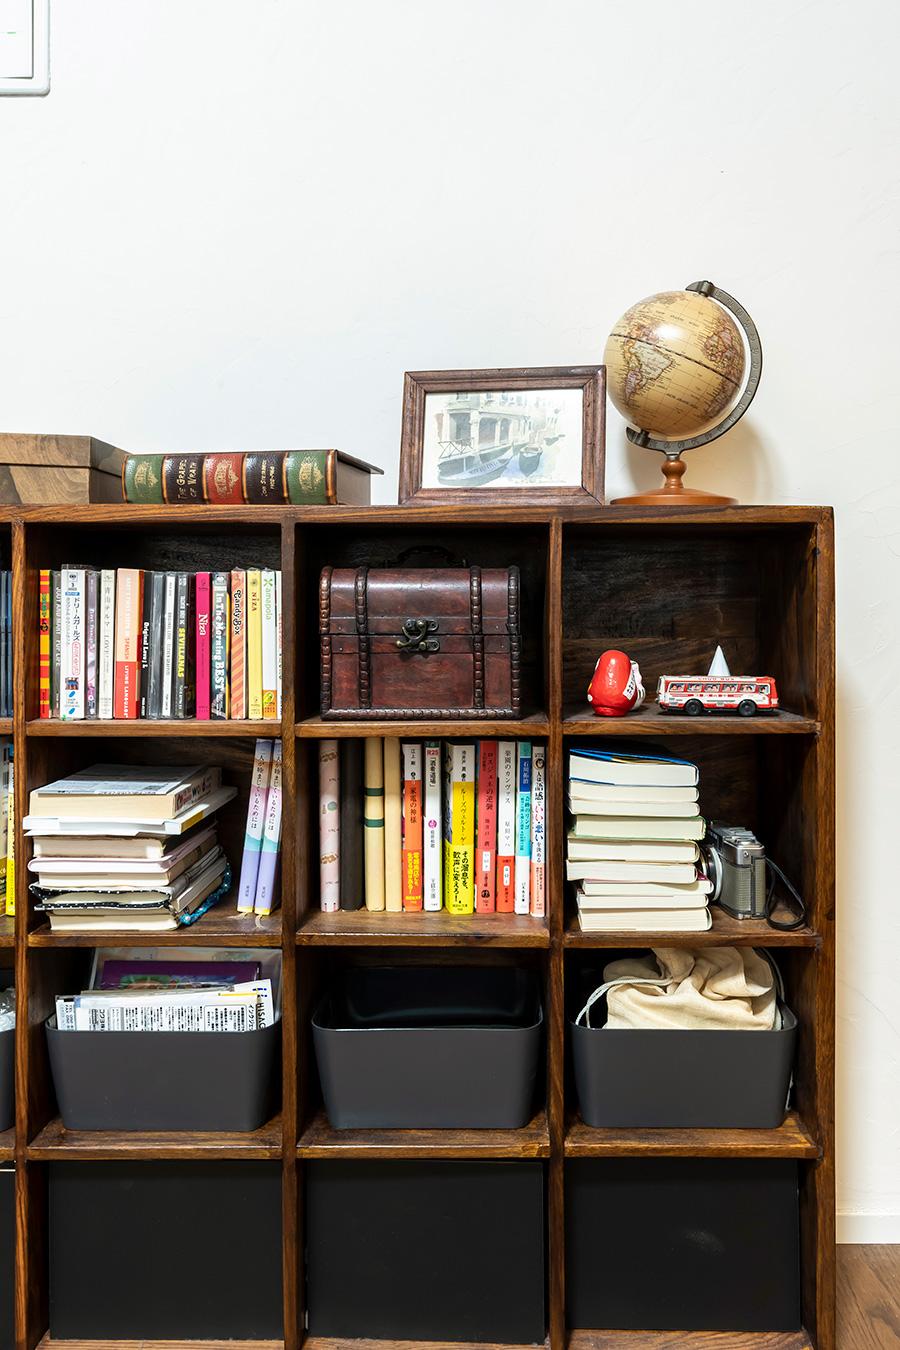 寝室の雰囲気に合わせた木製の本棚。